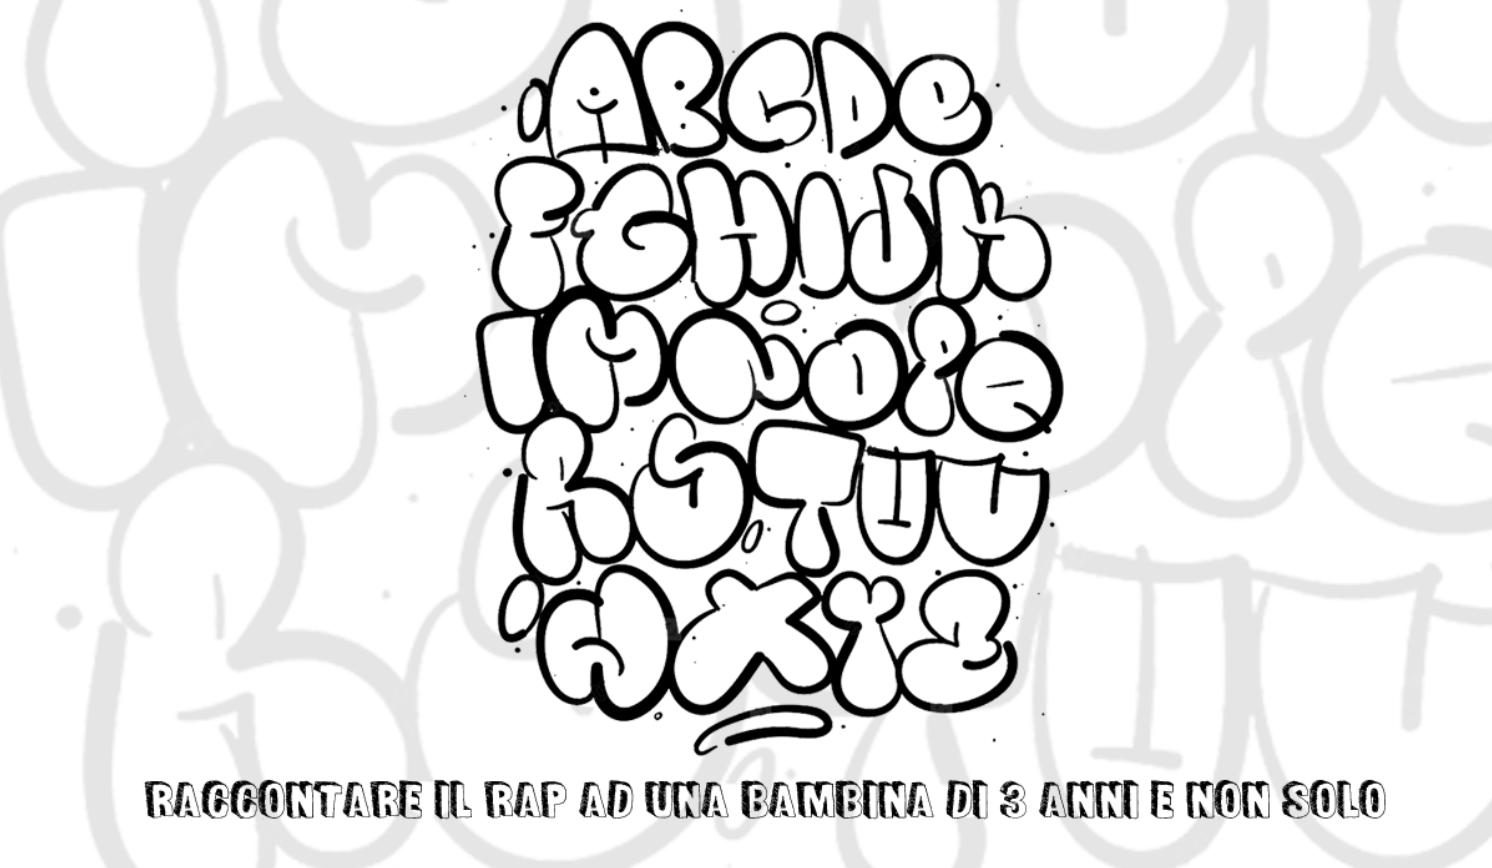 Rap ABC - Spiegare il Rap ad una bambina (e non solo)!